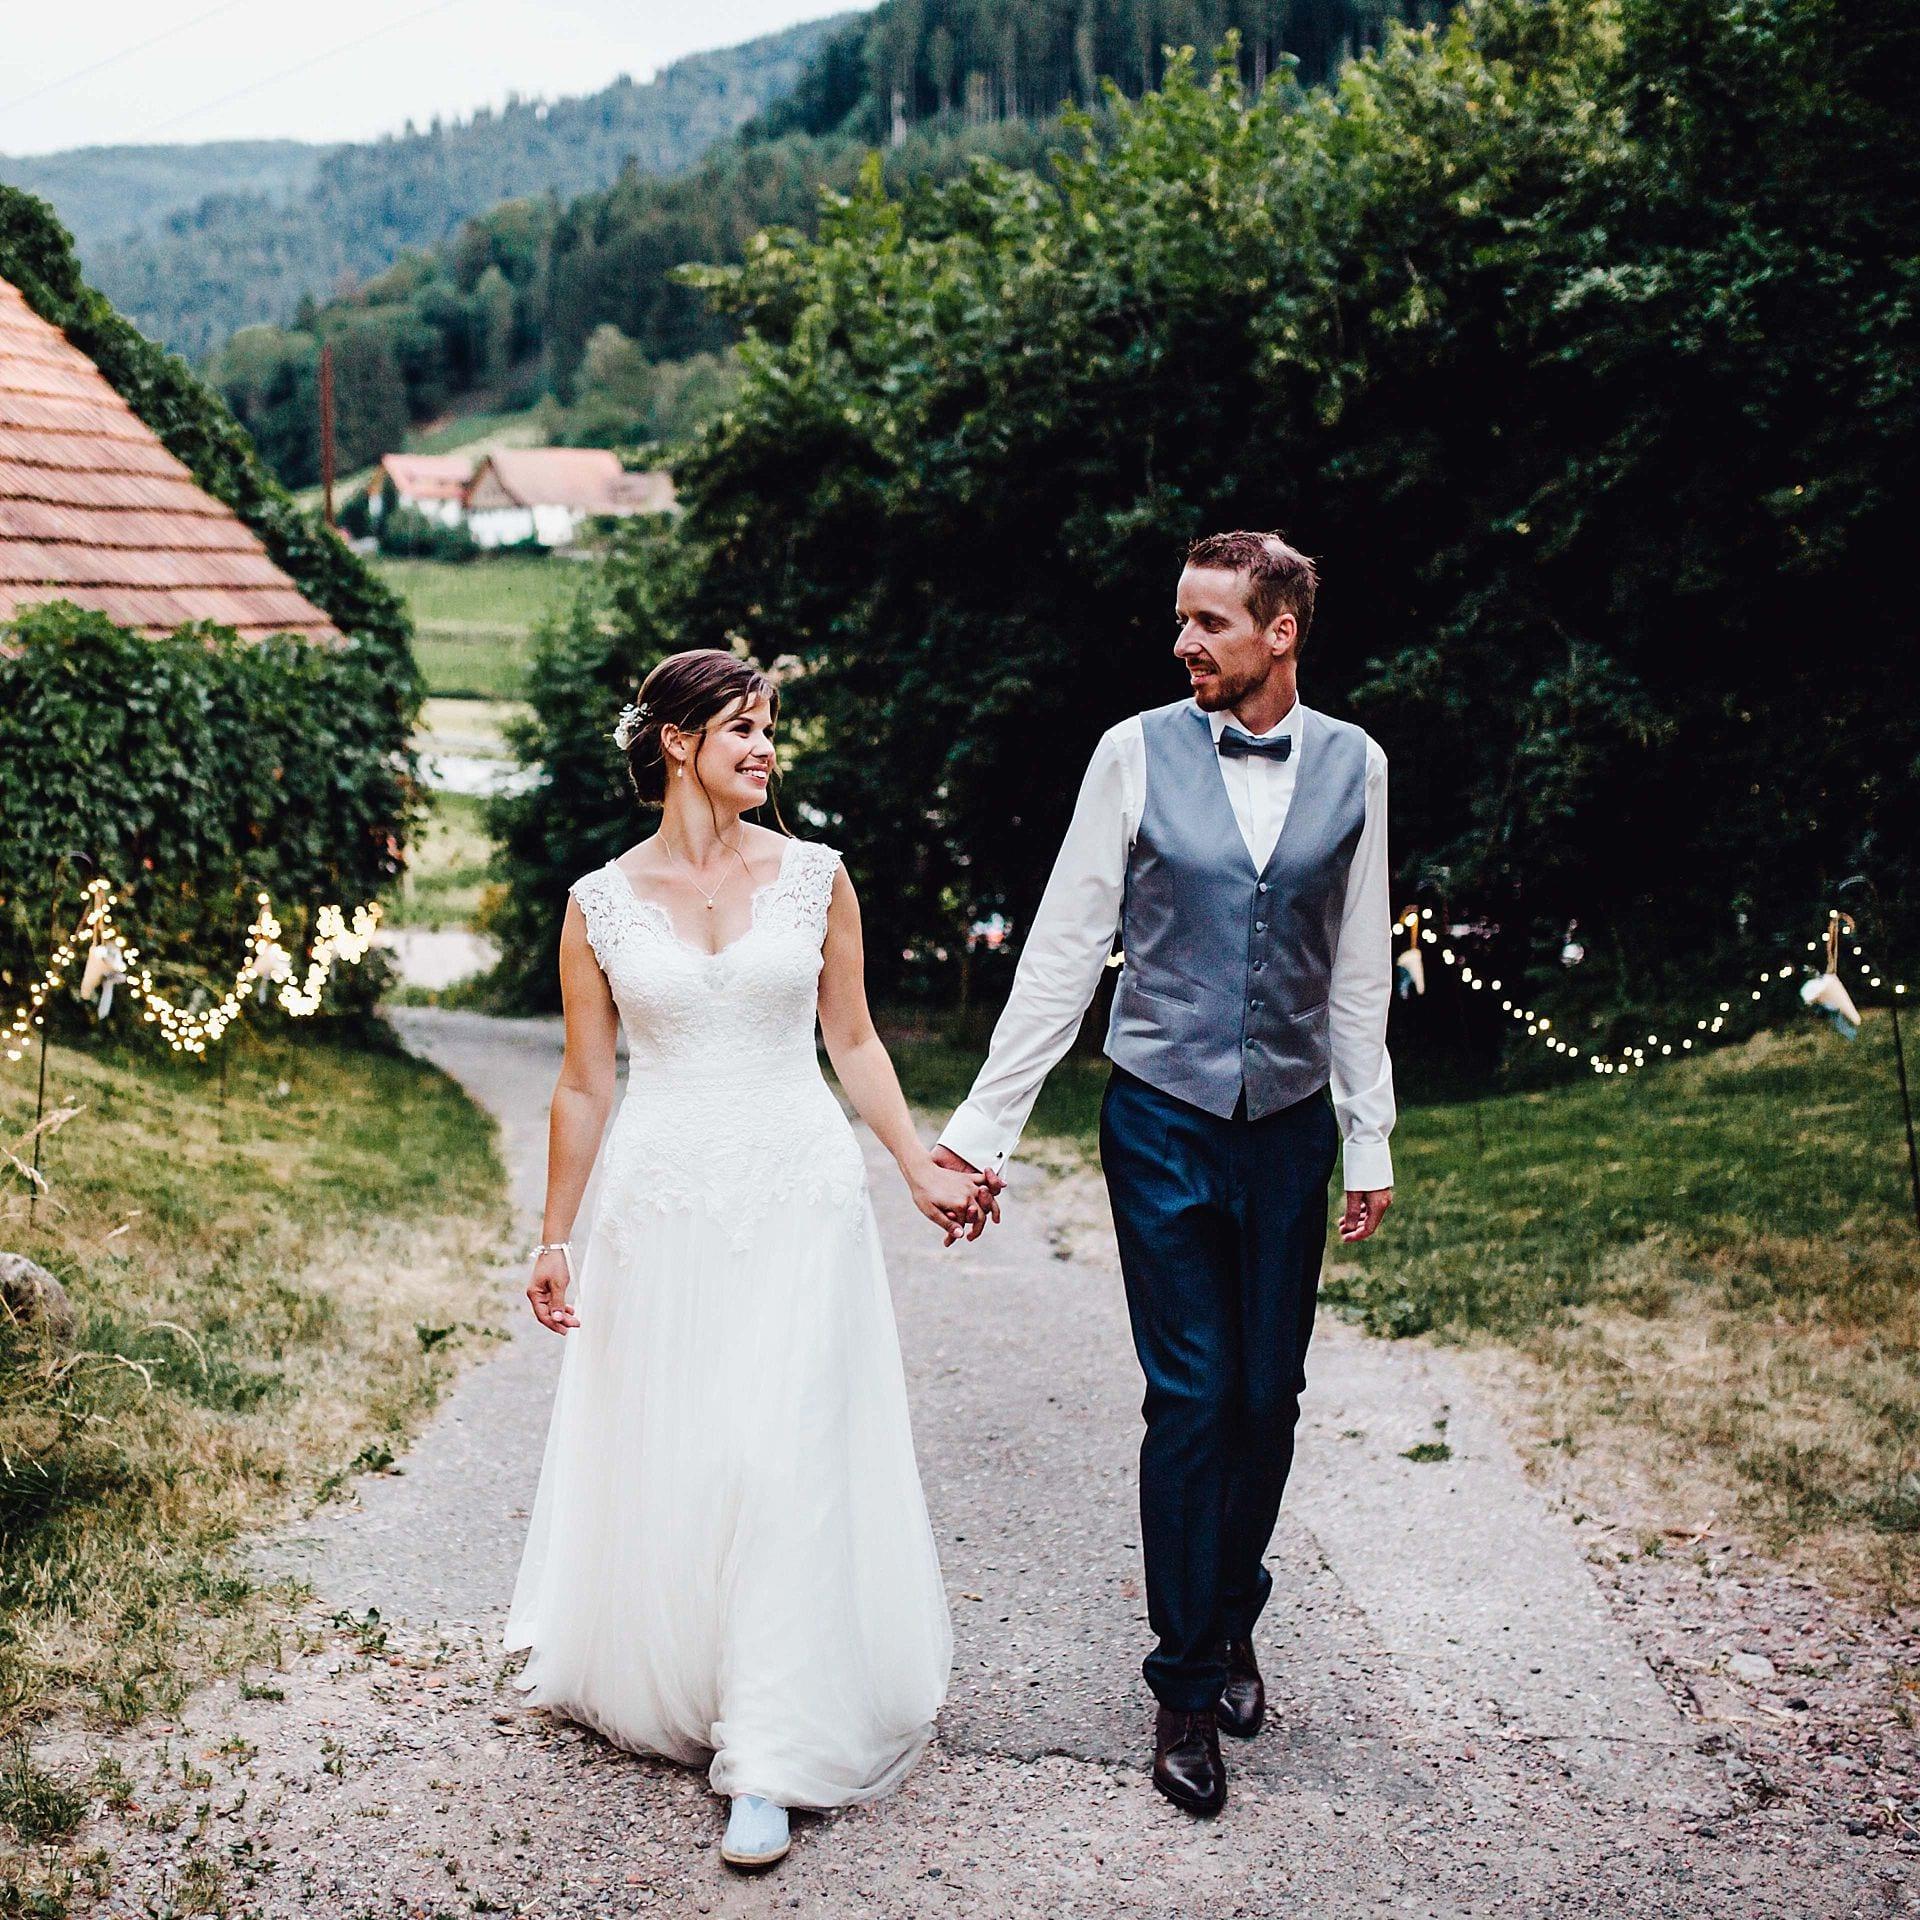 Brautpaar in der Natur.